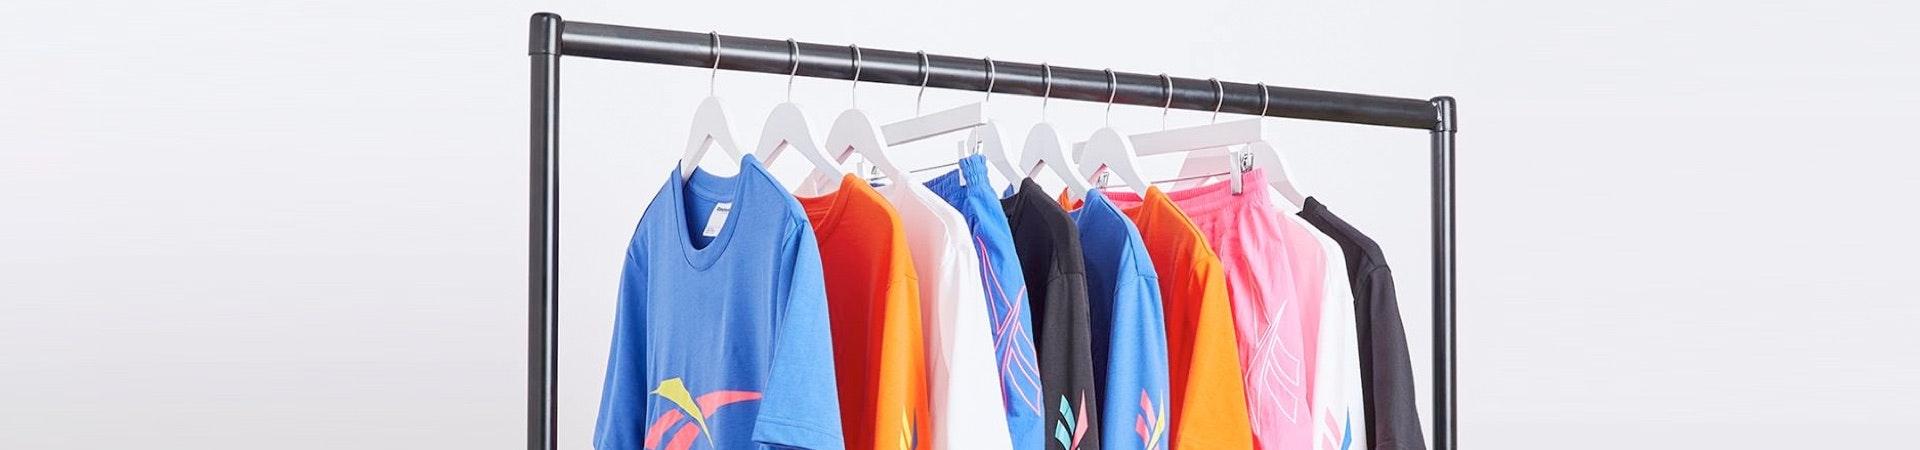 ASOS Fashionfinder